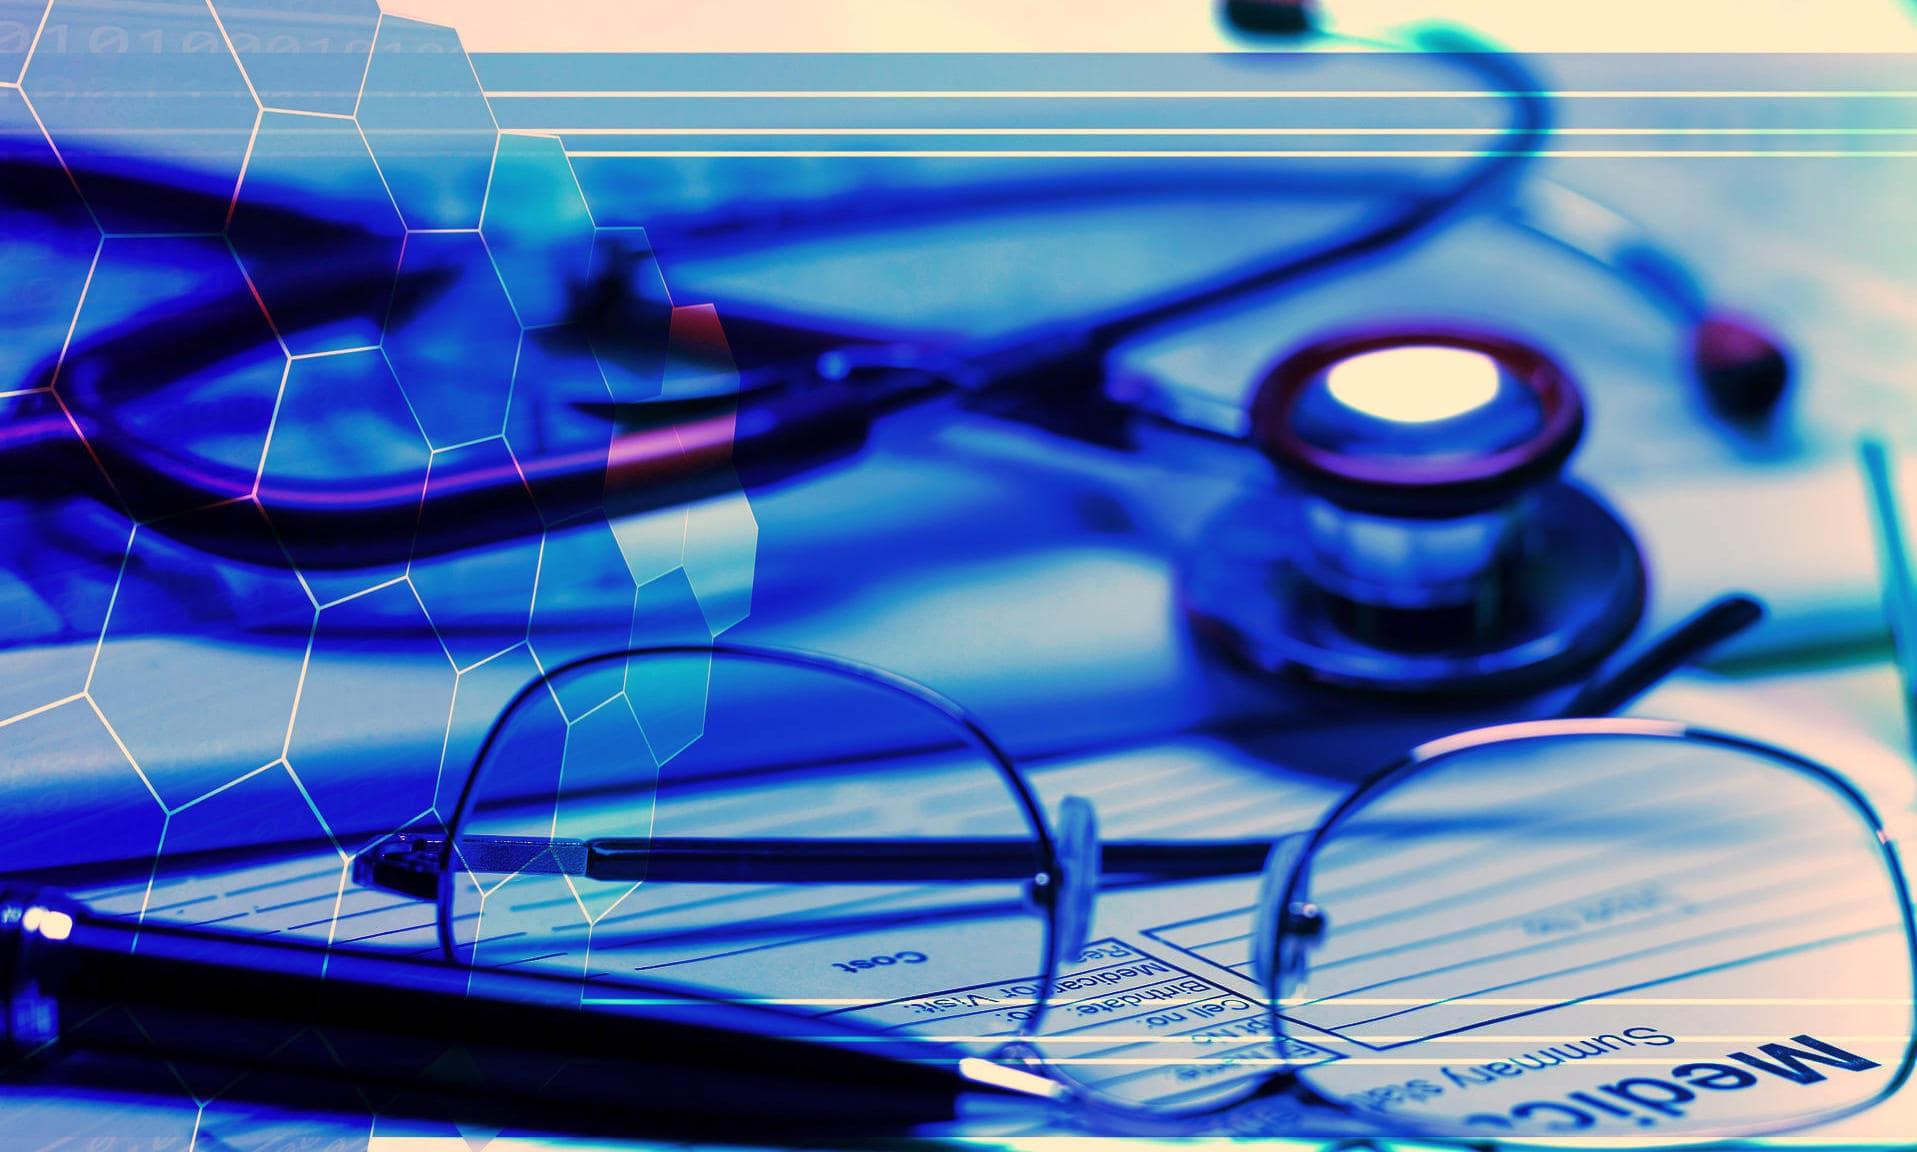 شرایط اختصاصی ثبت نام آزمون دکتری پزشکی 99